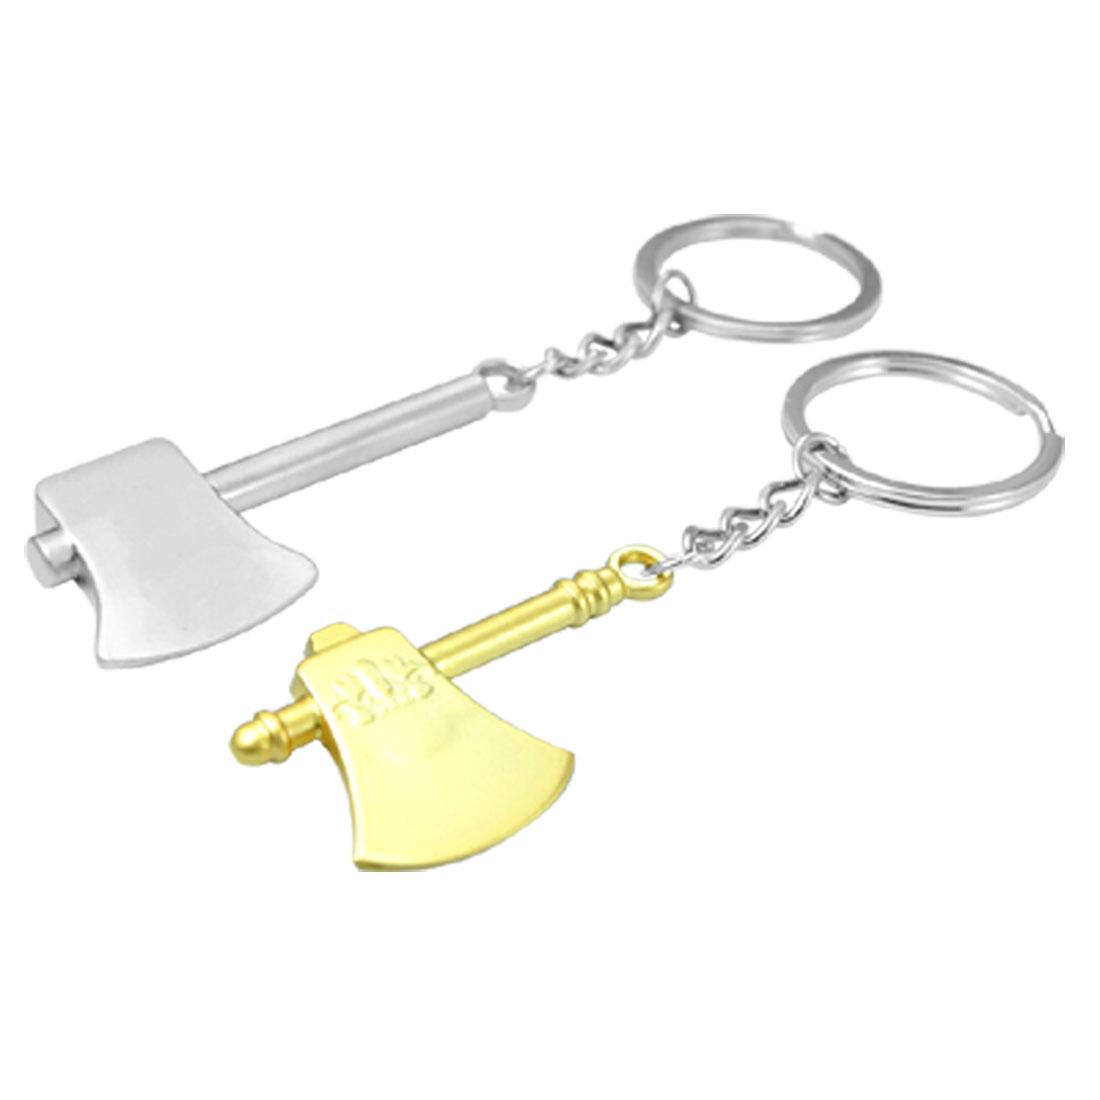 2PCS Decorative Ax Metal Key Chain